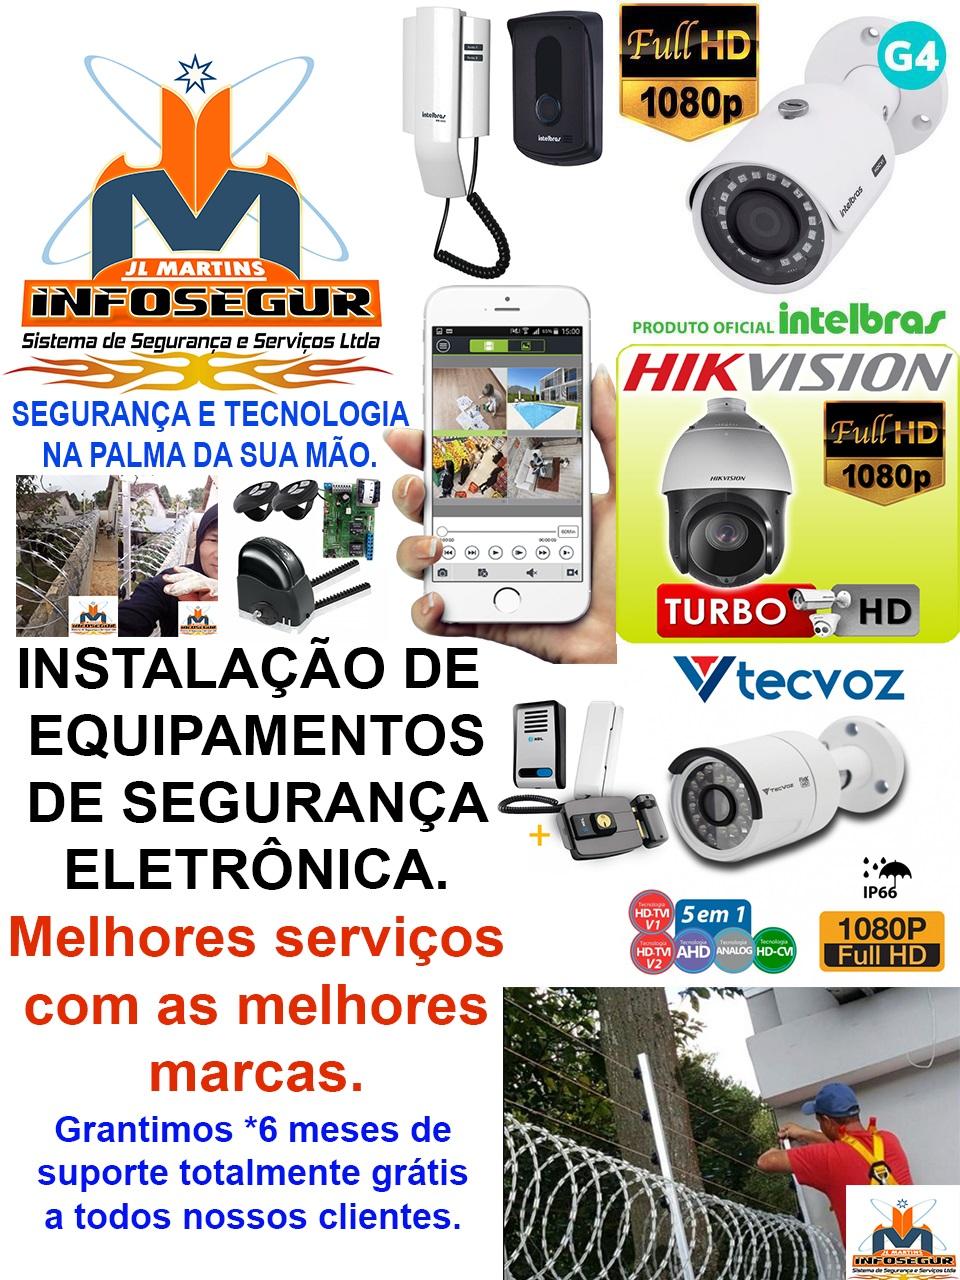 JL MARTINS INFOSEGUR, instalaçao de cameras de segurança em Bragança, instalaçao de cameras de vigilancia em augusto correa